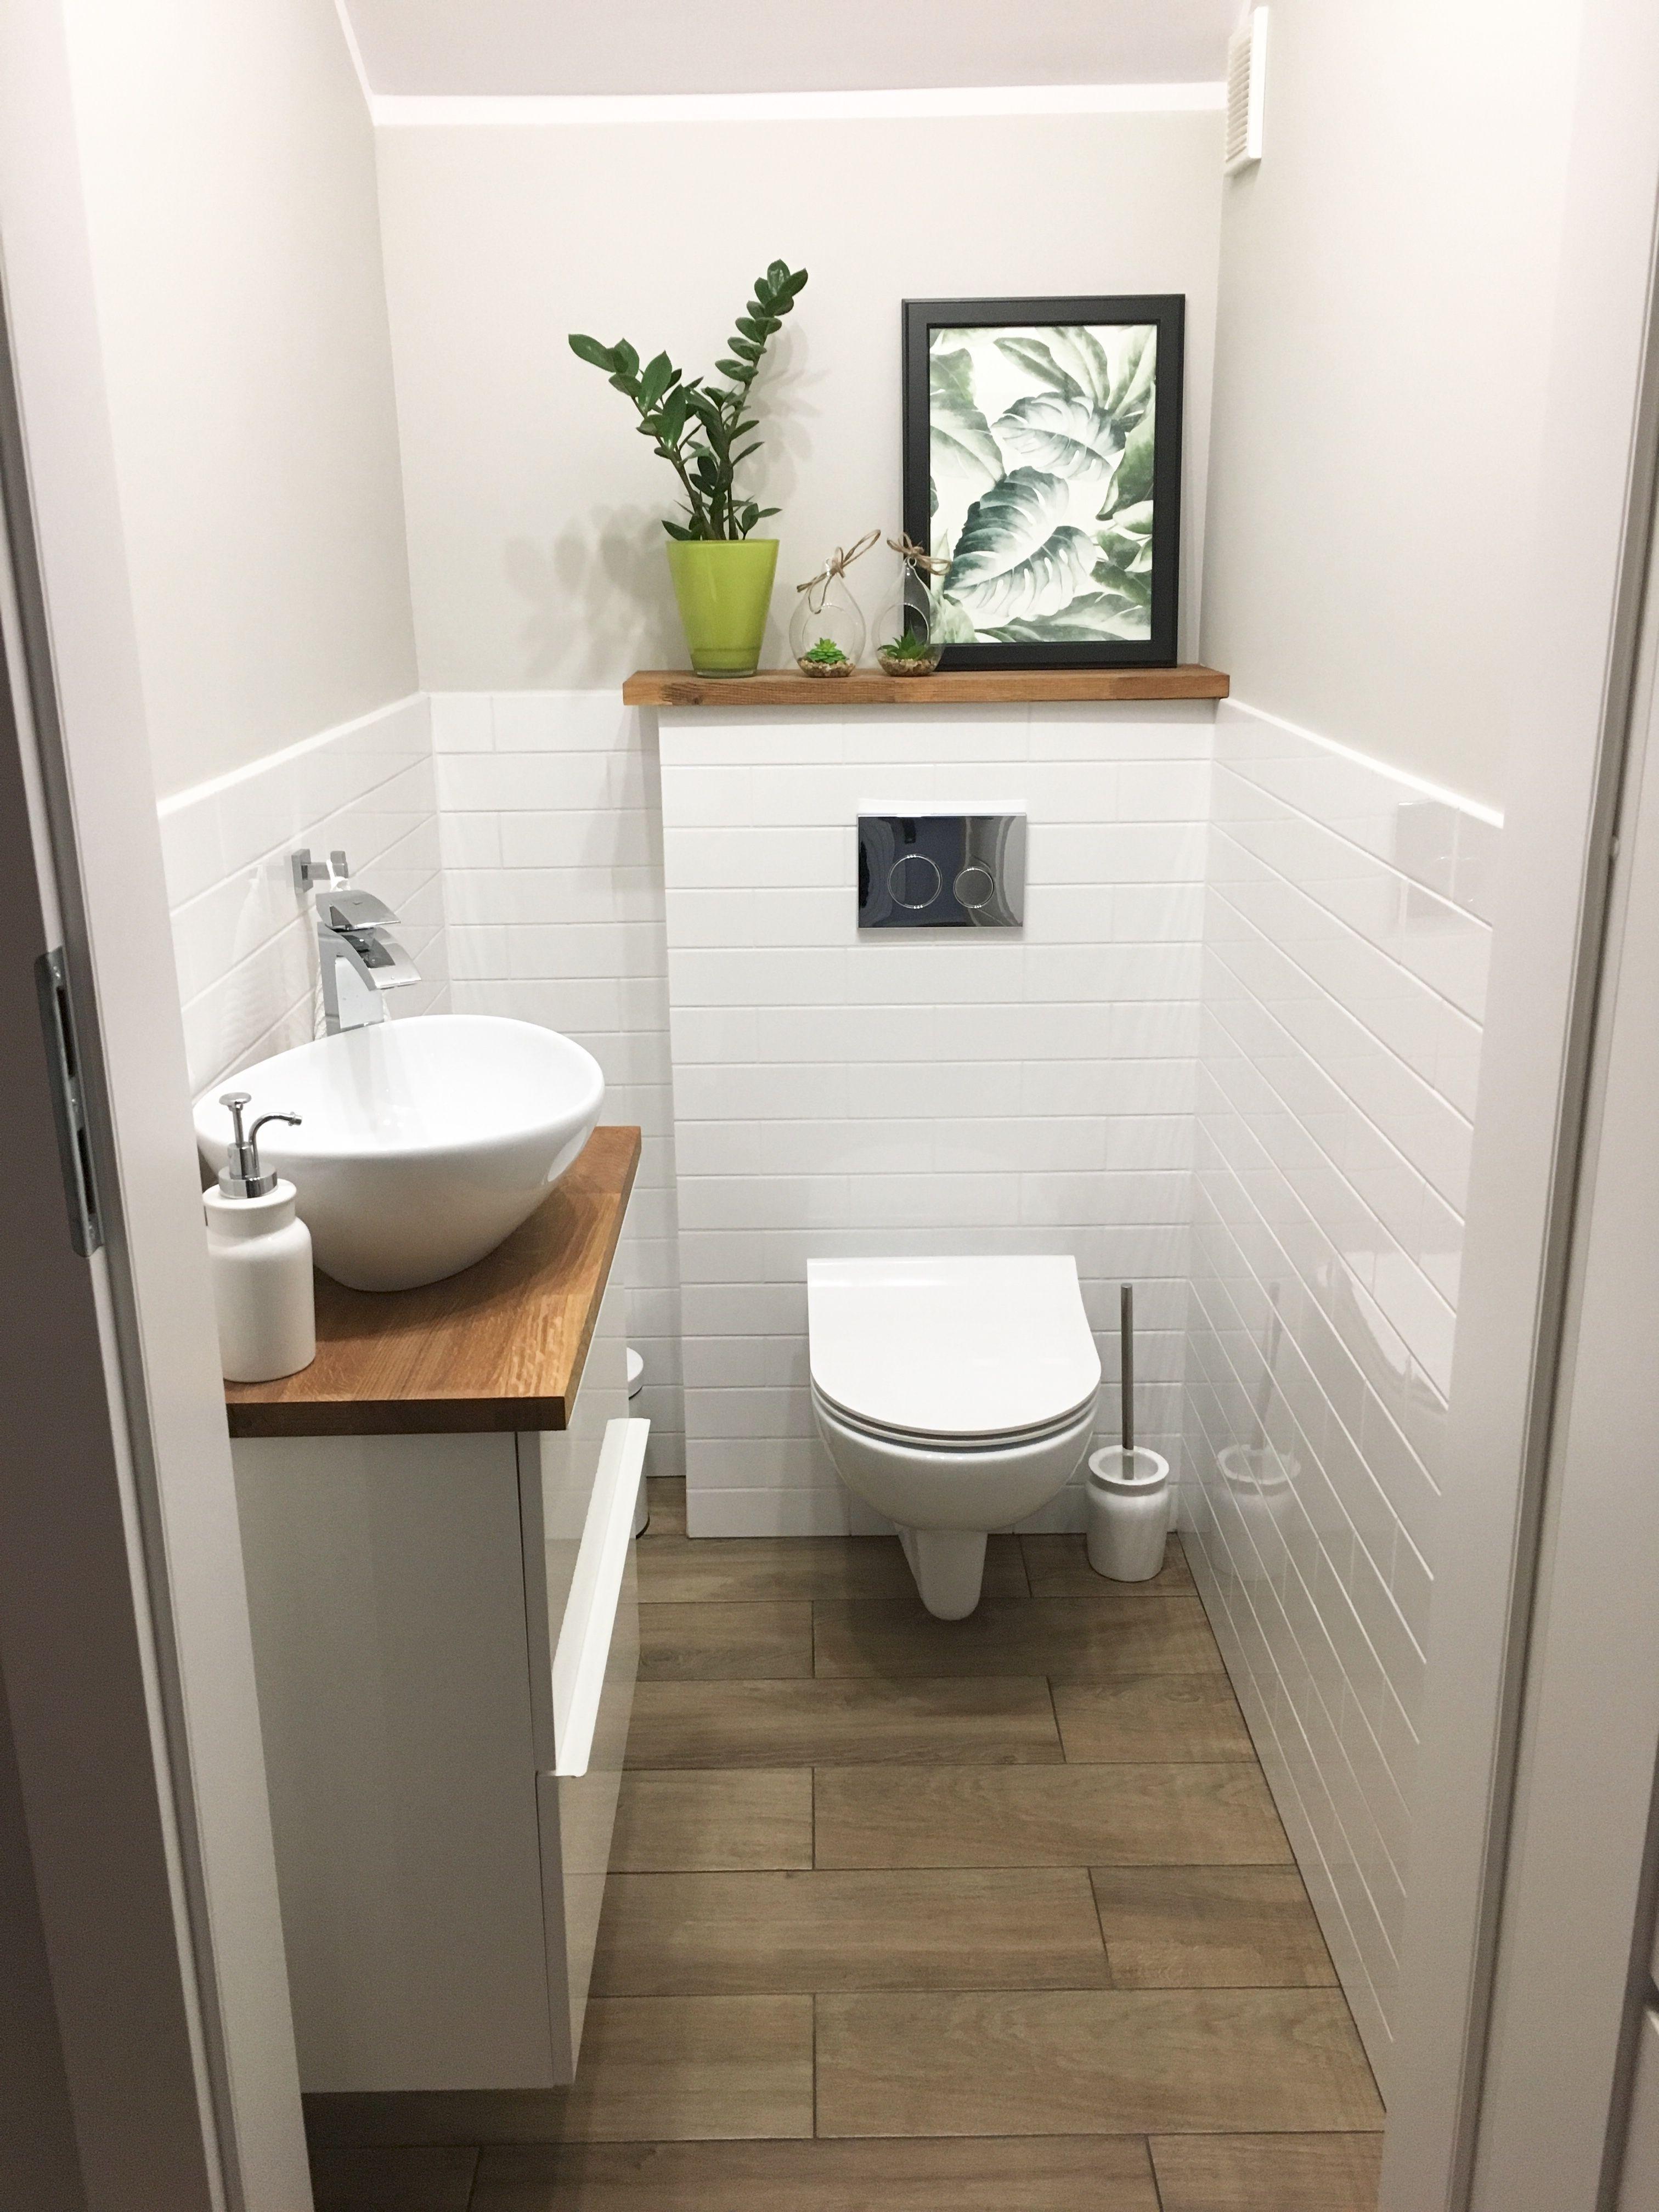 Toaleta Pod Schodami Downstairsloo Toaleta Pod Schodami Badezimmer Innenausstattung Kleine Badezimmer Inspiration Und Kleines Wc Zimmer